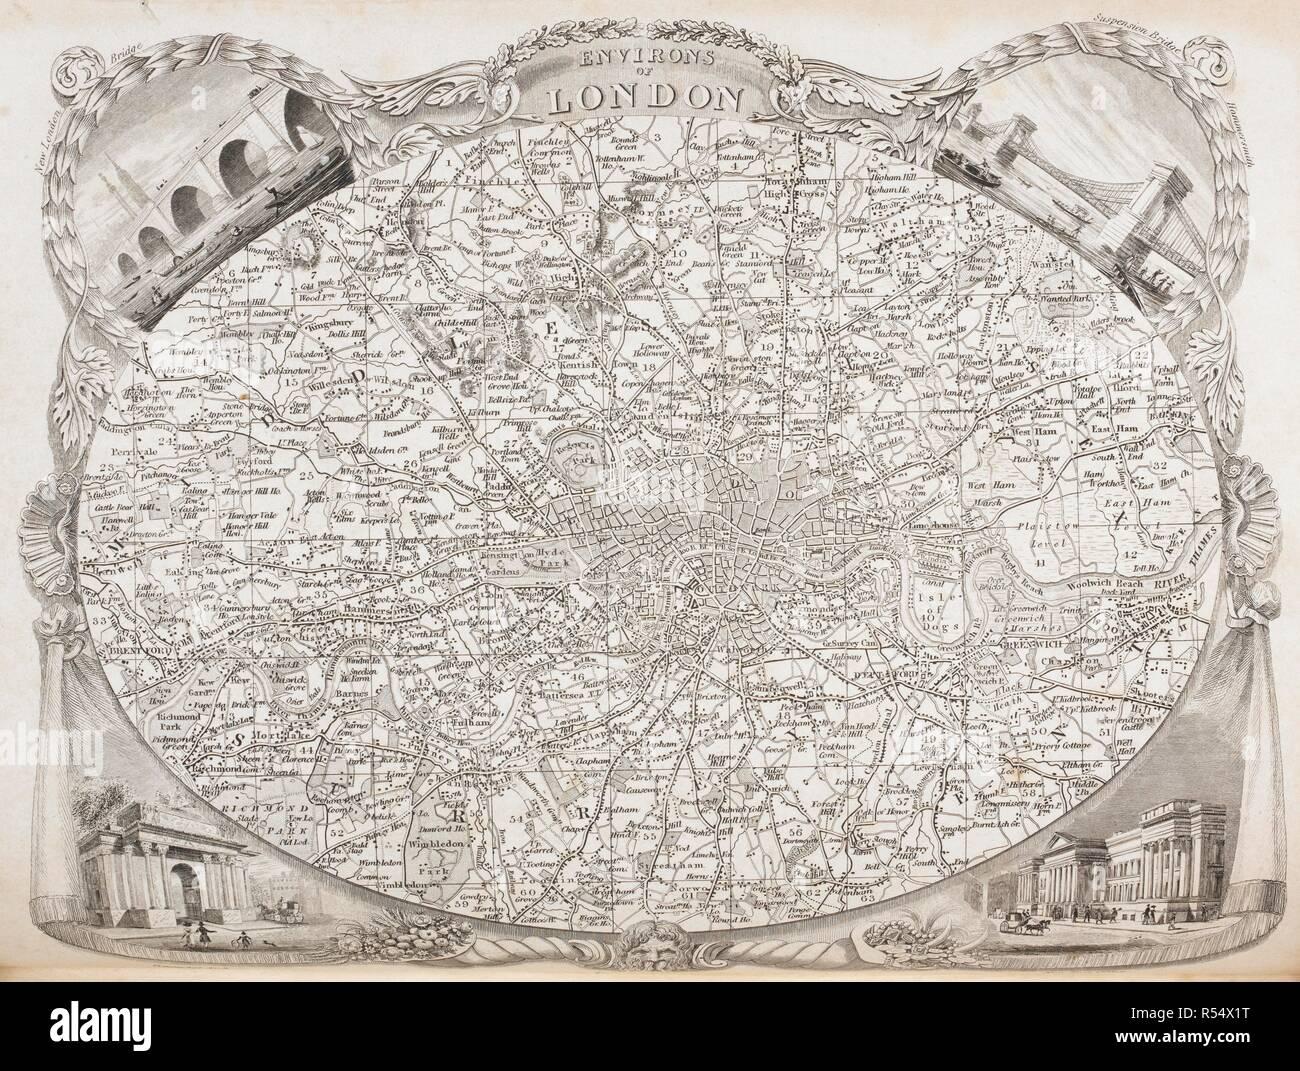 Trier Karte Umgebung.Eine Karte Der Umgebung Von London Die Englischen Grafschaften